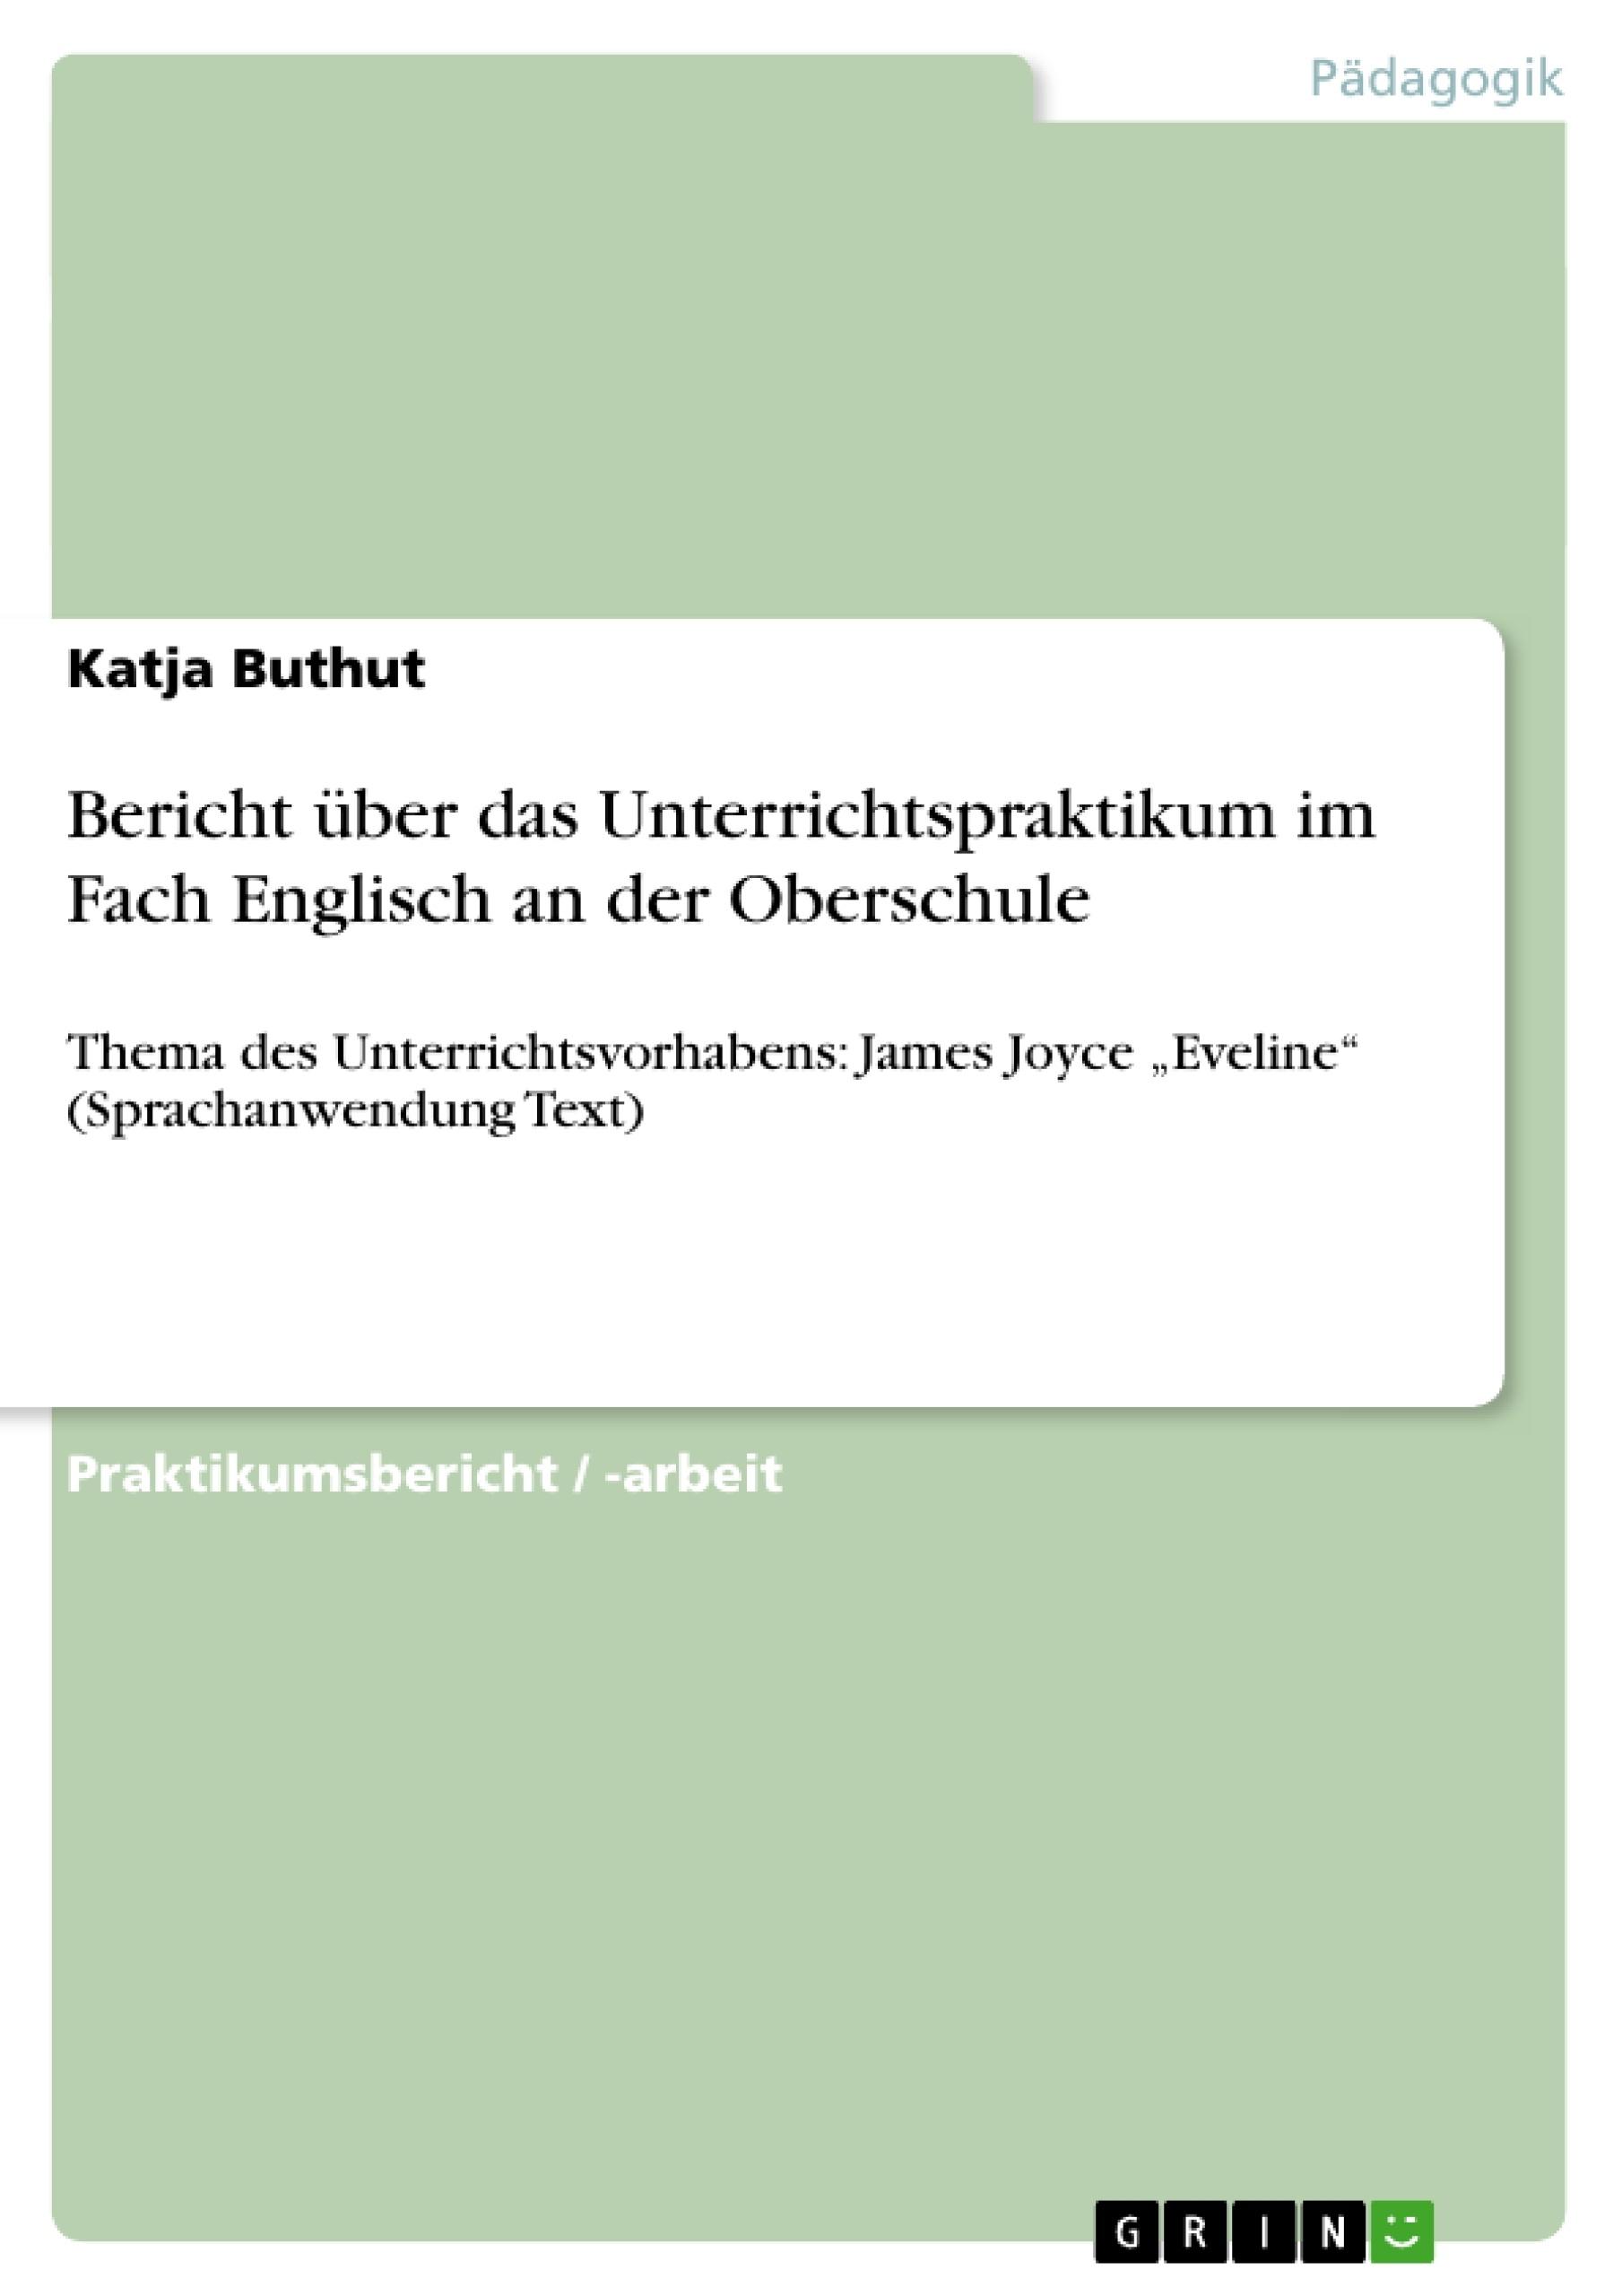 Titel: Bericht über das Unterrichtspraktikum im Fach Englisch an der Oberschule